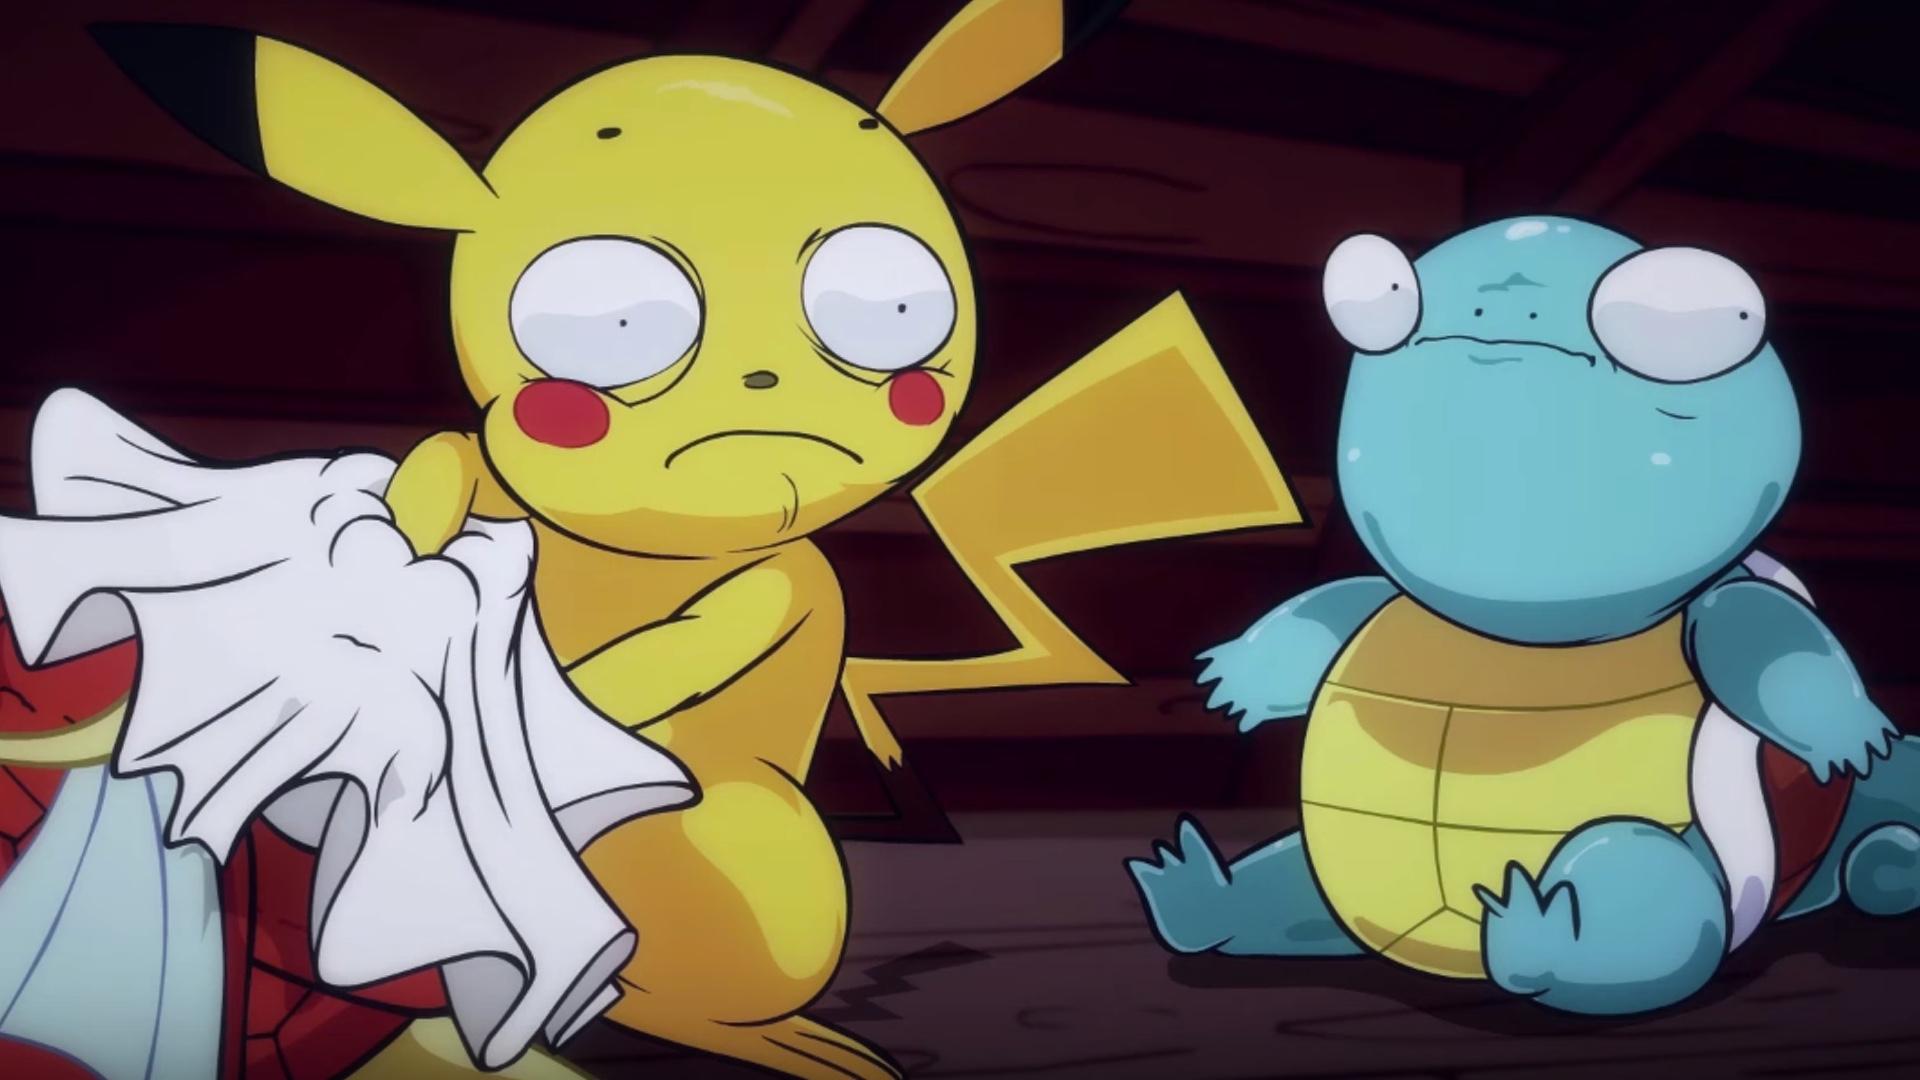 Hilariously Disturbing Pokemon Go Animated Short